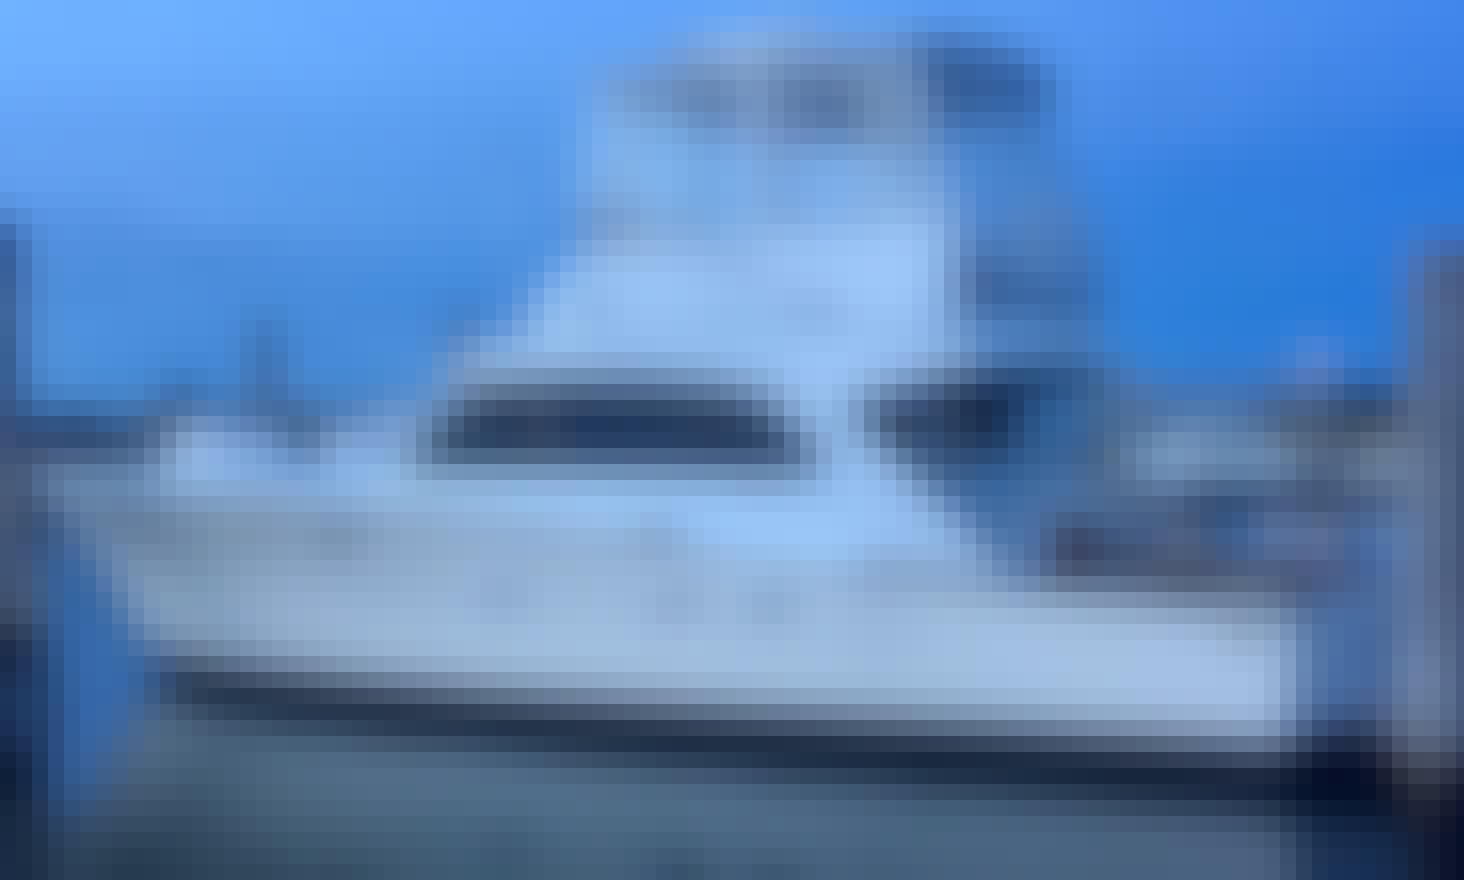 Motor Yacht Sleep Aboard rental in Sag Harbor